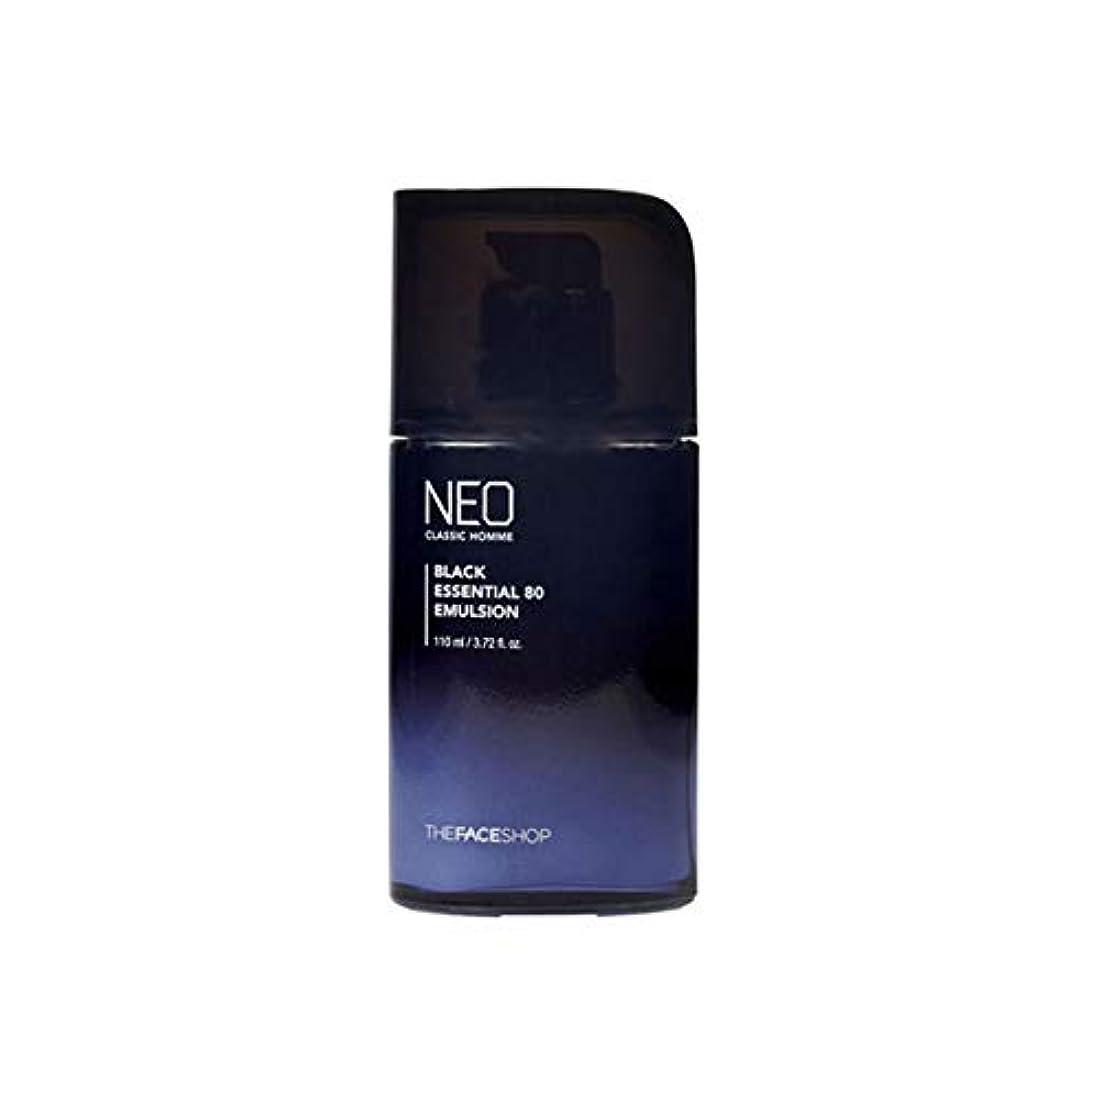 電気刻む長くする[ザフェイスショップ ]The Face shop ネオ クラシック オム ブラック エッセンシャル 80 エマルジョン110ml Neo Classic Homme Black Essential 80 Emulsion...